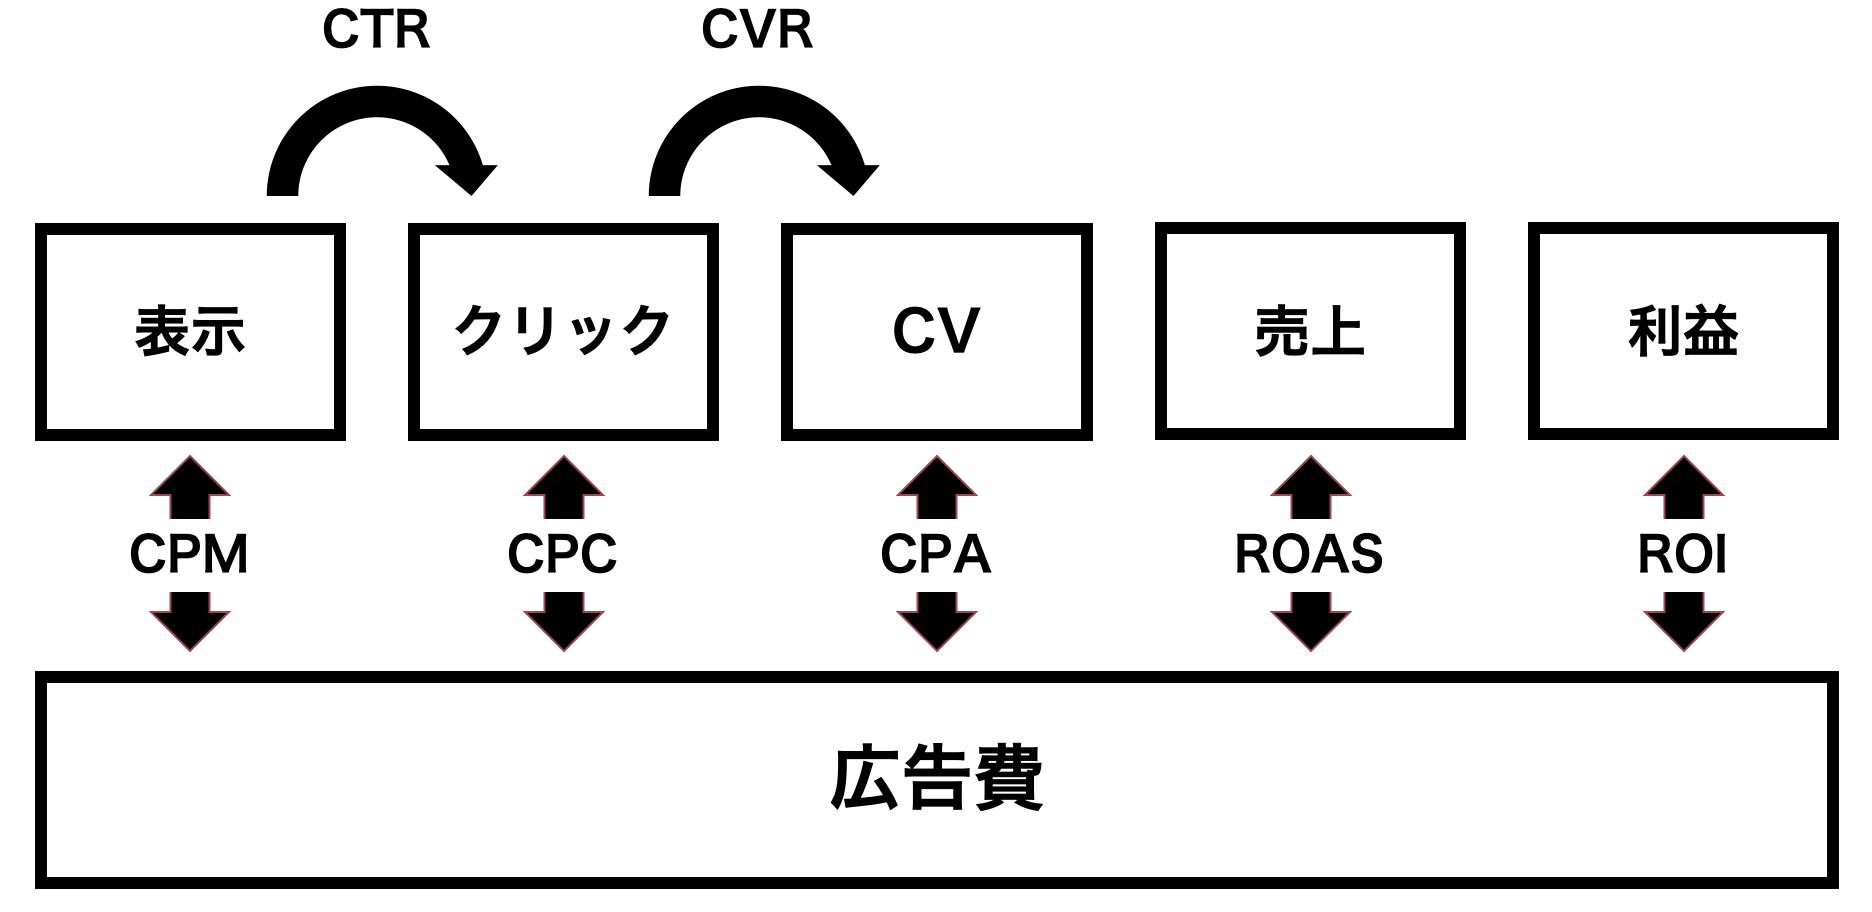 広告指標図